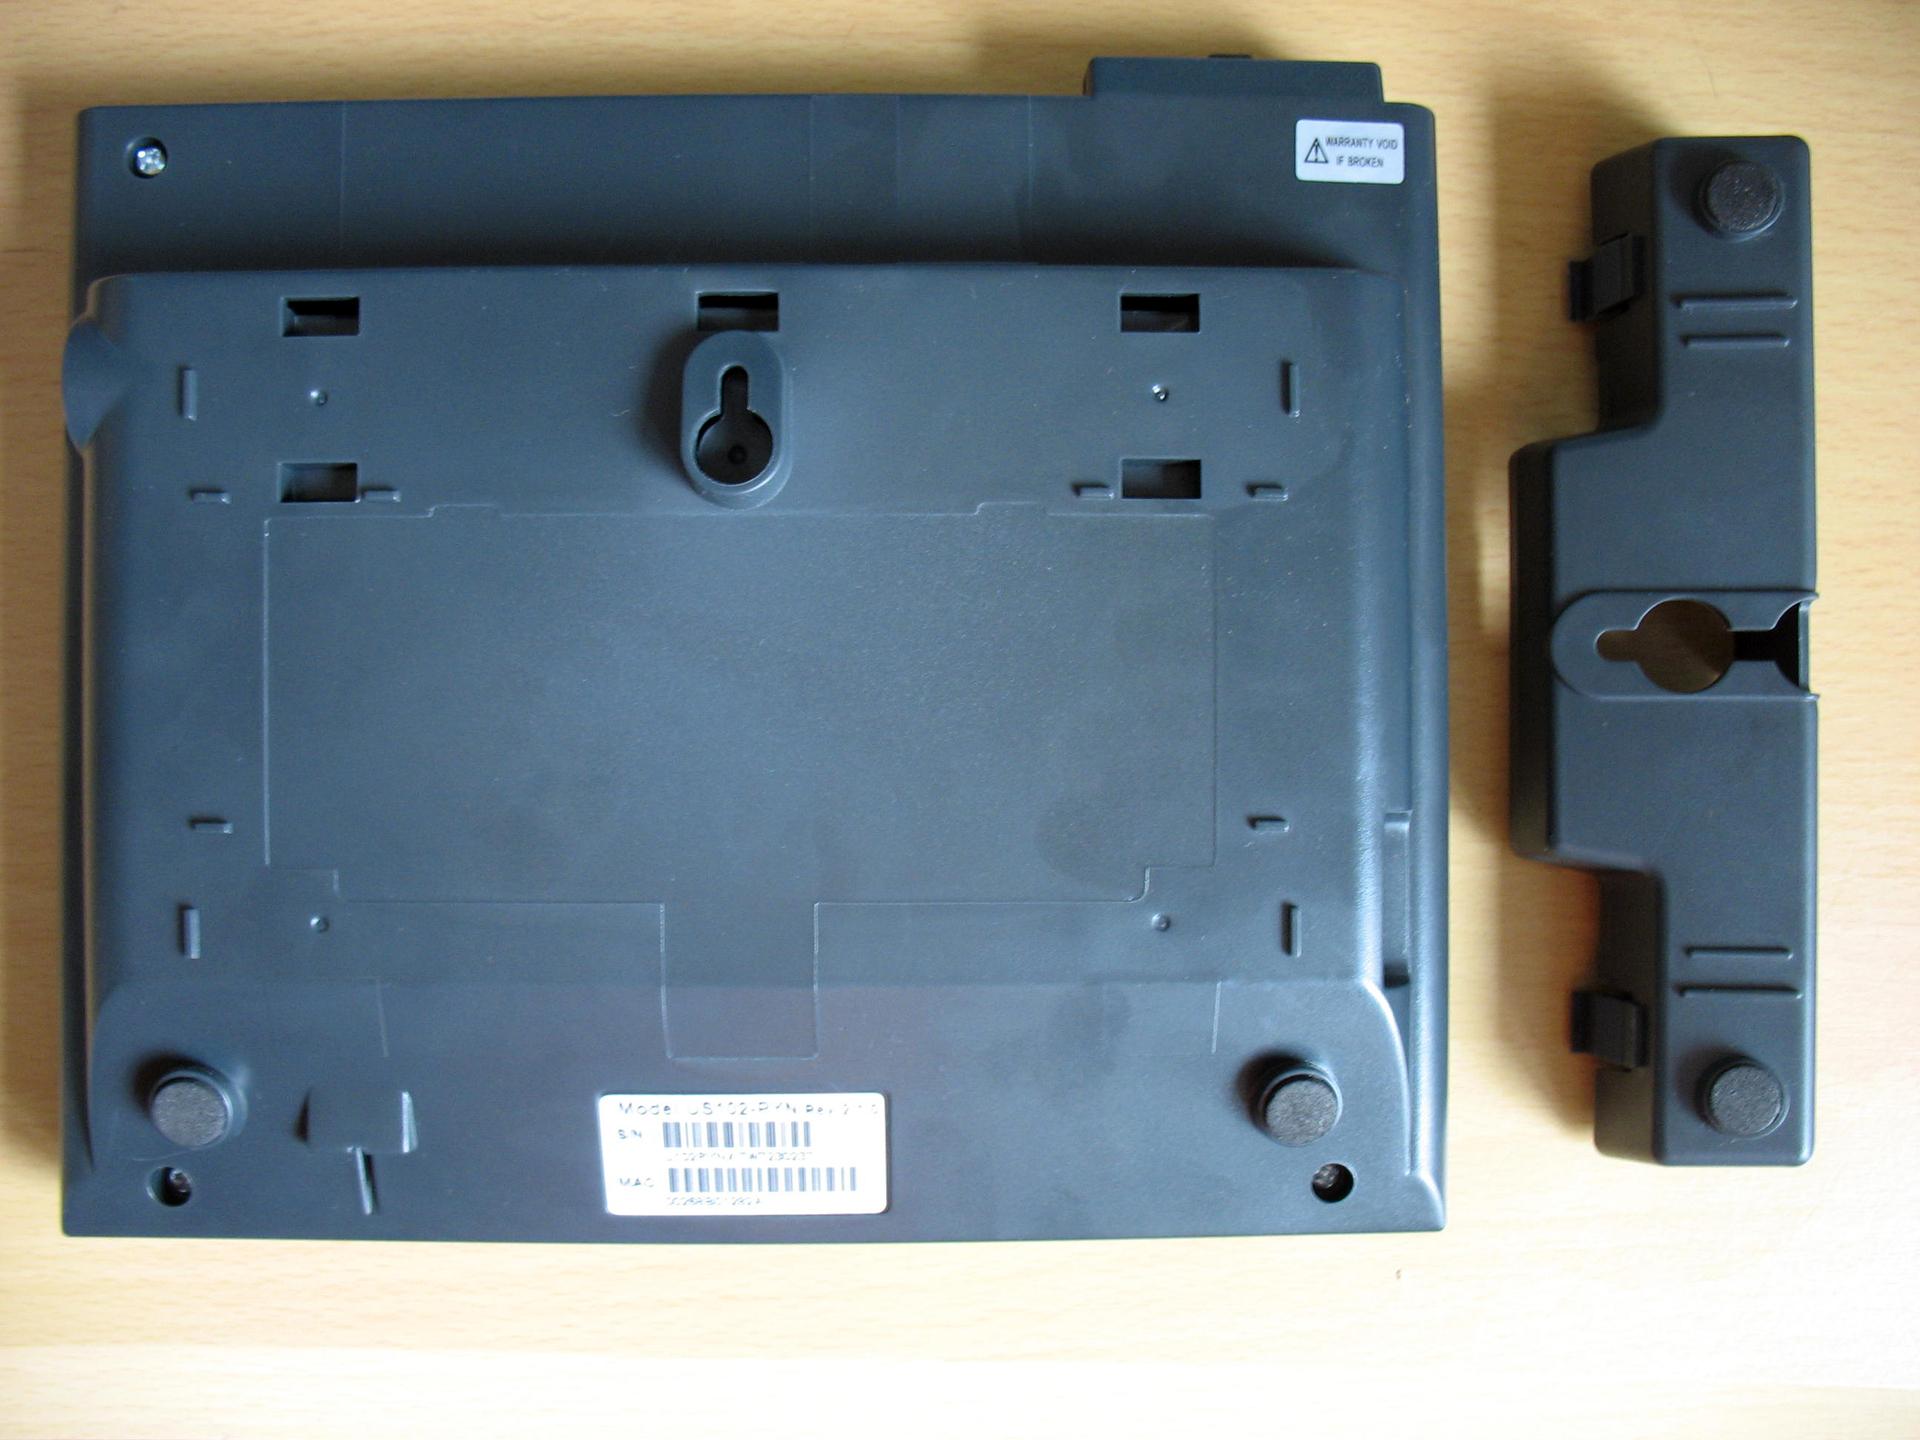 Задняя панель и подставка для крепления телефона к стене